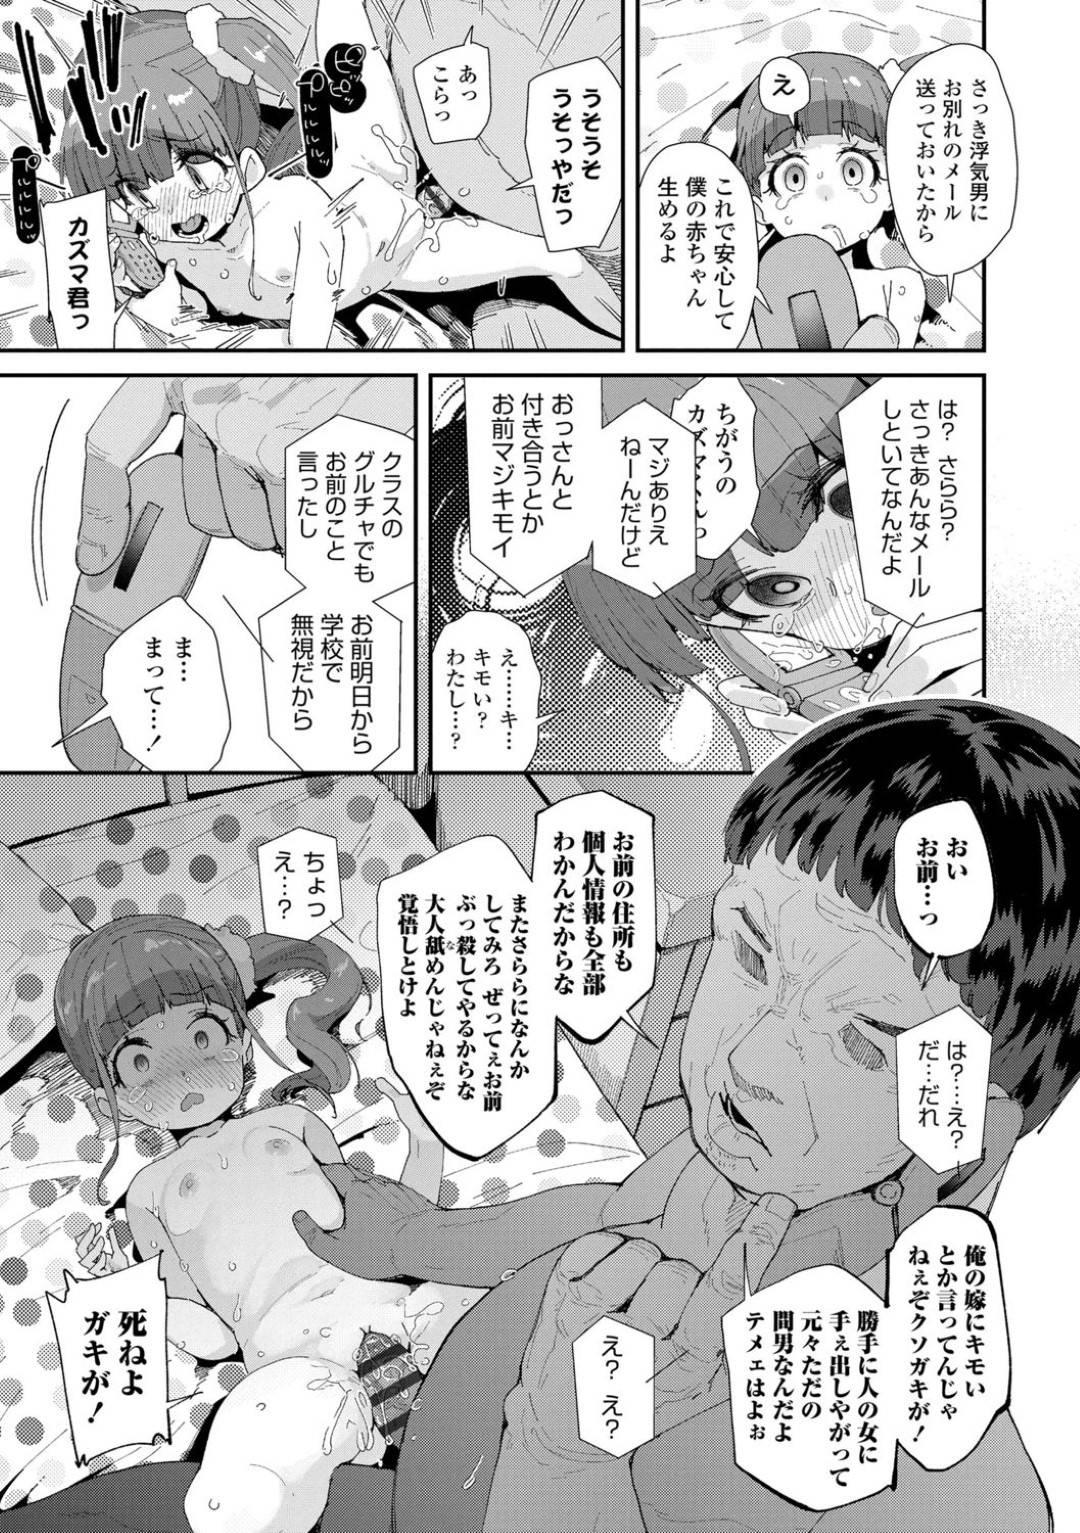 【エロ漫画】幼い頃にニートの義兄のお嫁さんになると約束したJS…帰宅するとその義兄が家に居て彼氏ができたことを伝えると発狂し始める!【前島龍:幼い約束】